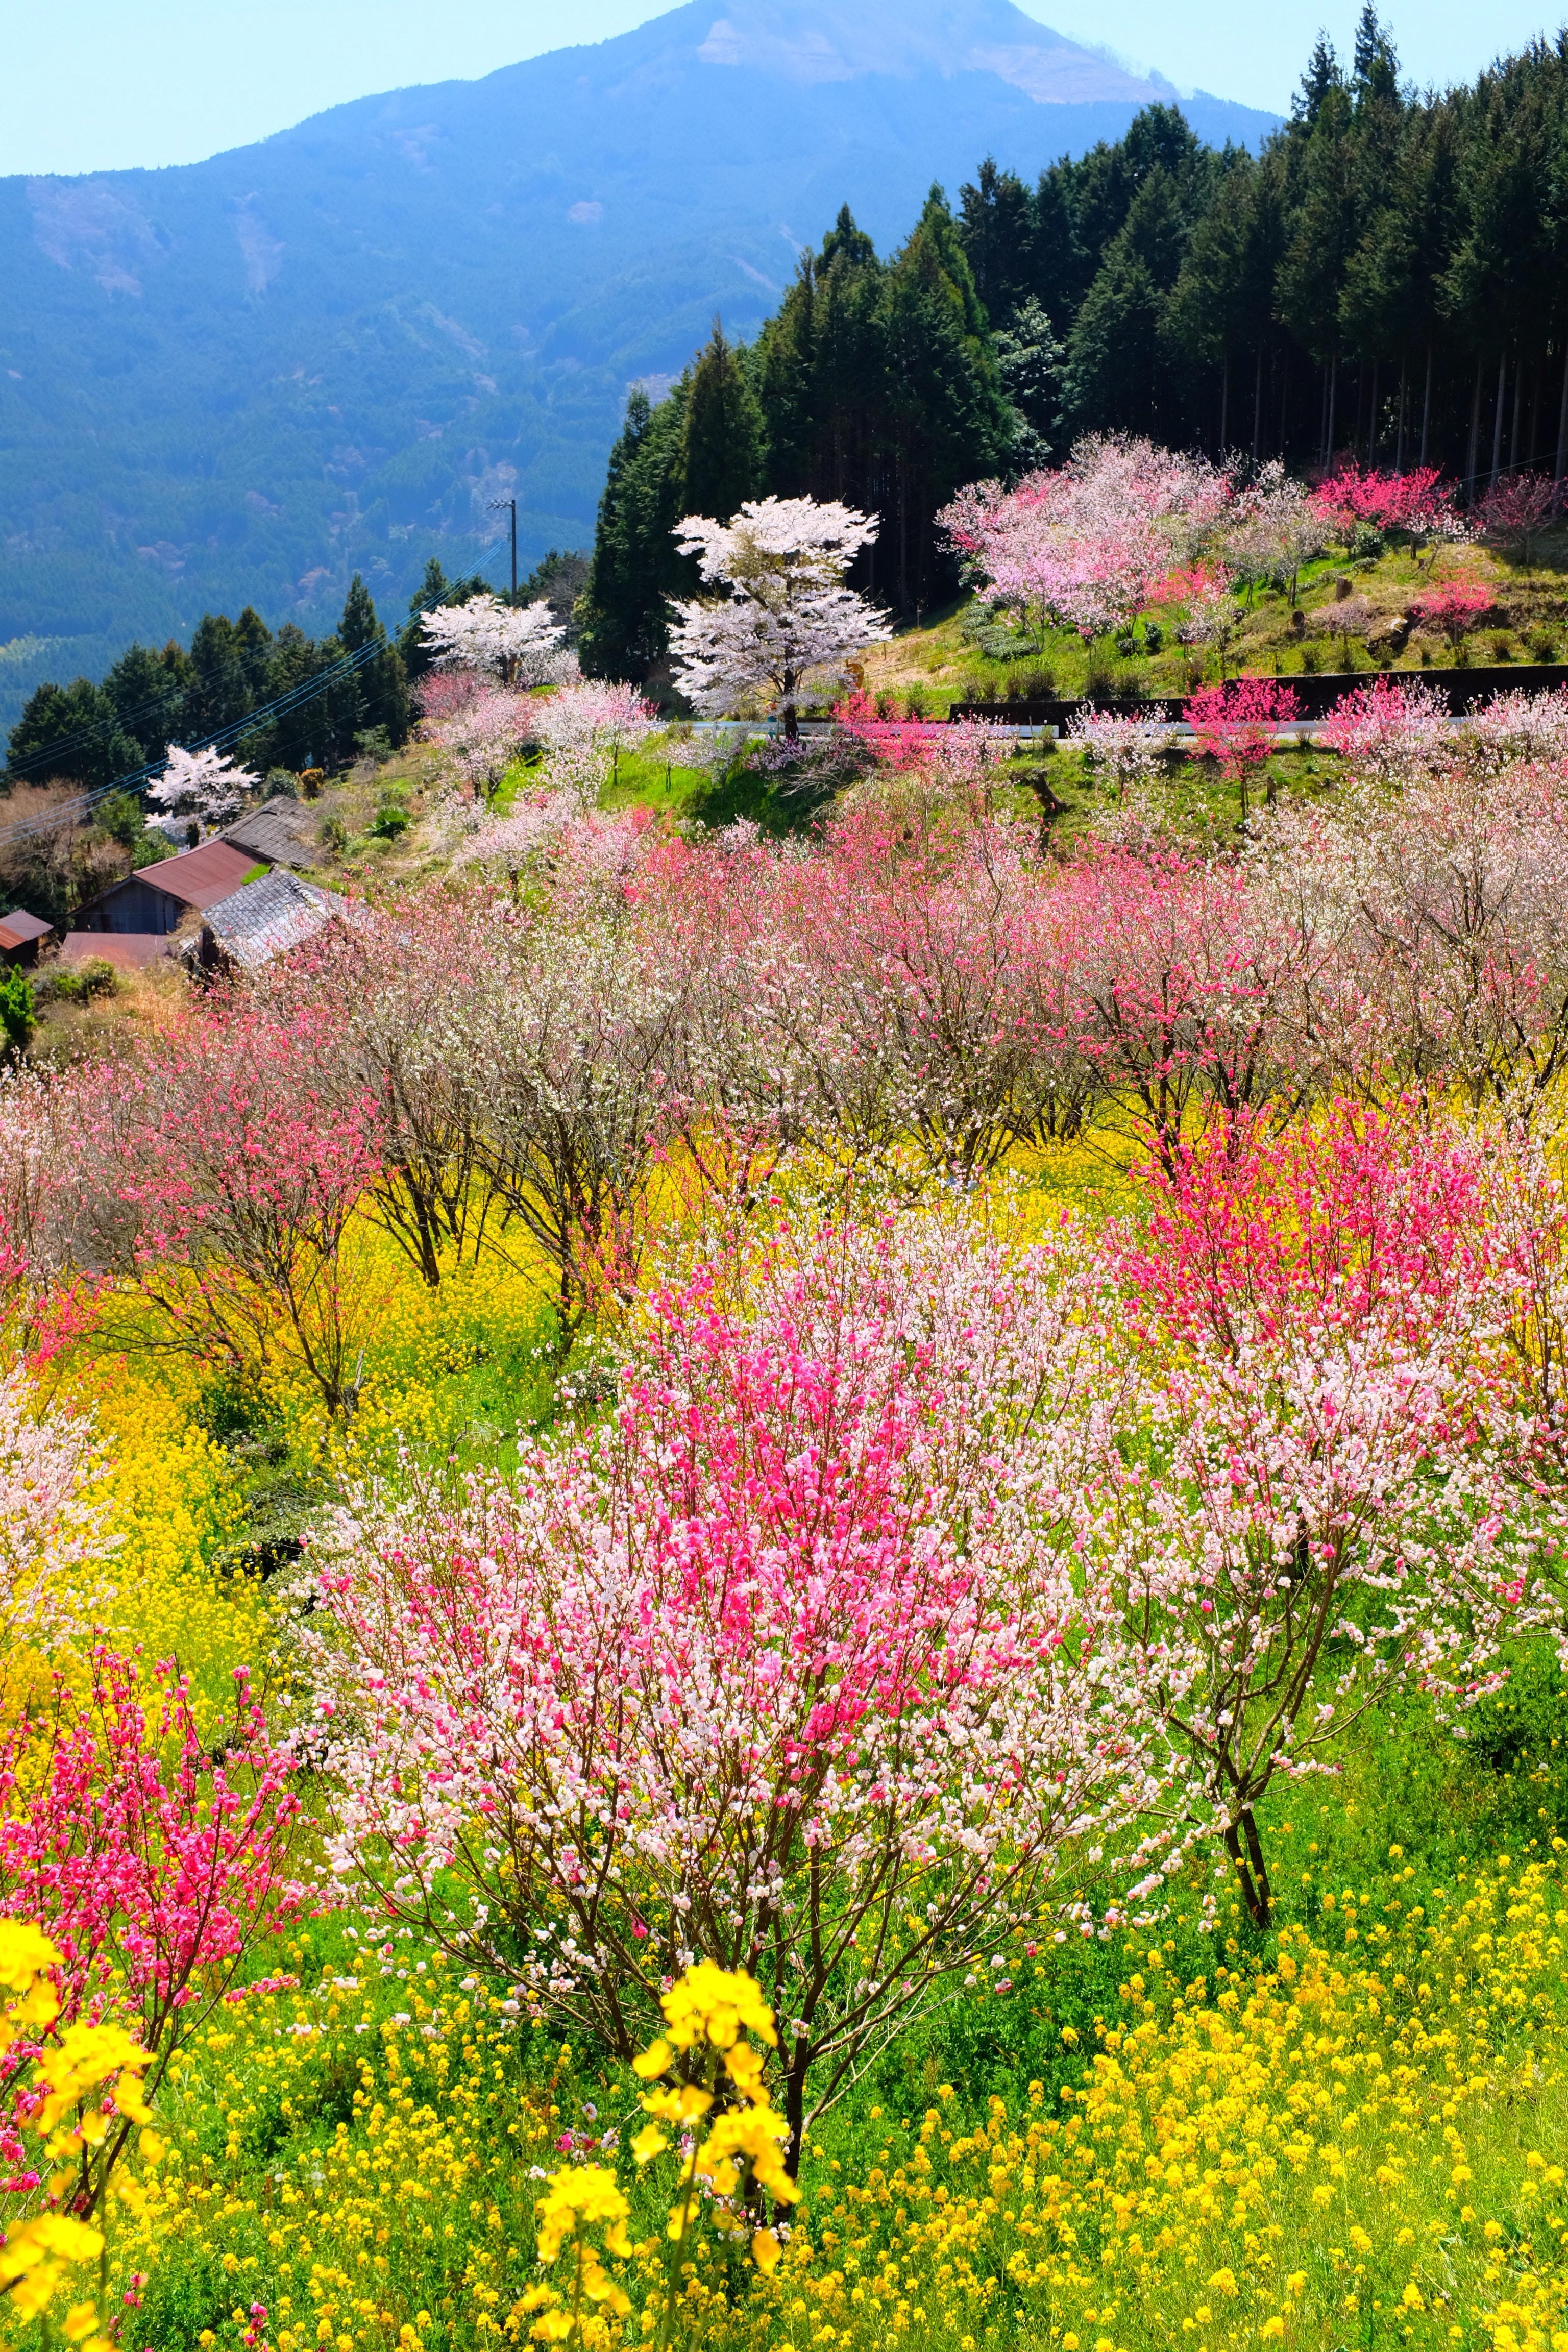 Sakura o florecimientos de los cerezos en Japón, durante la primavera.